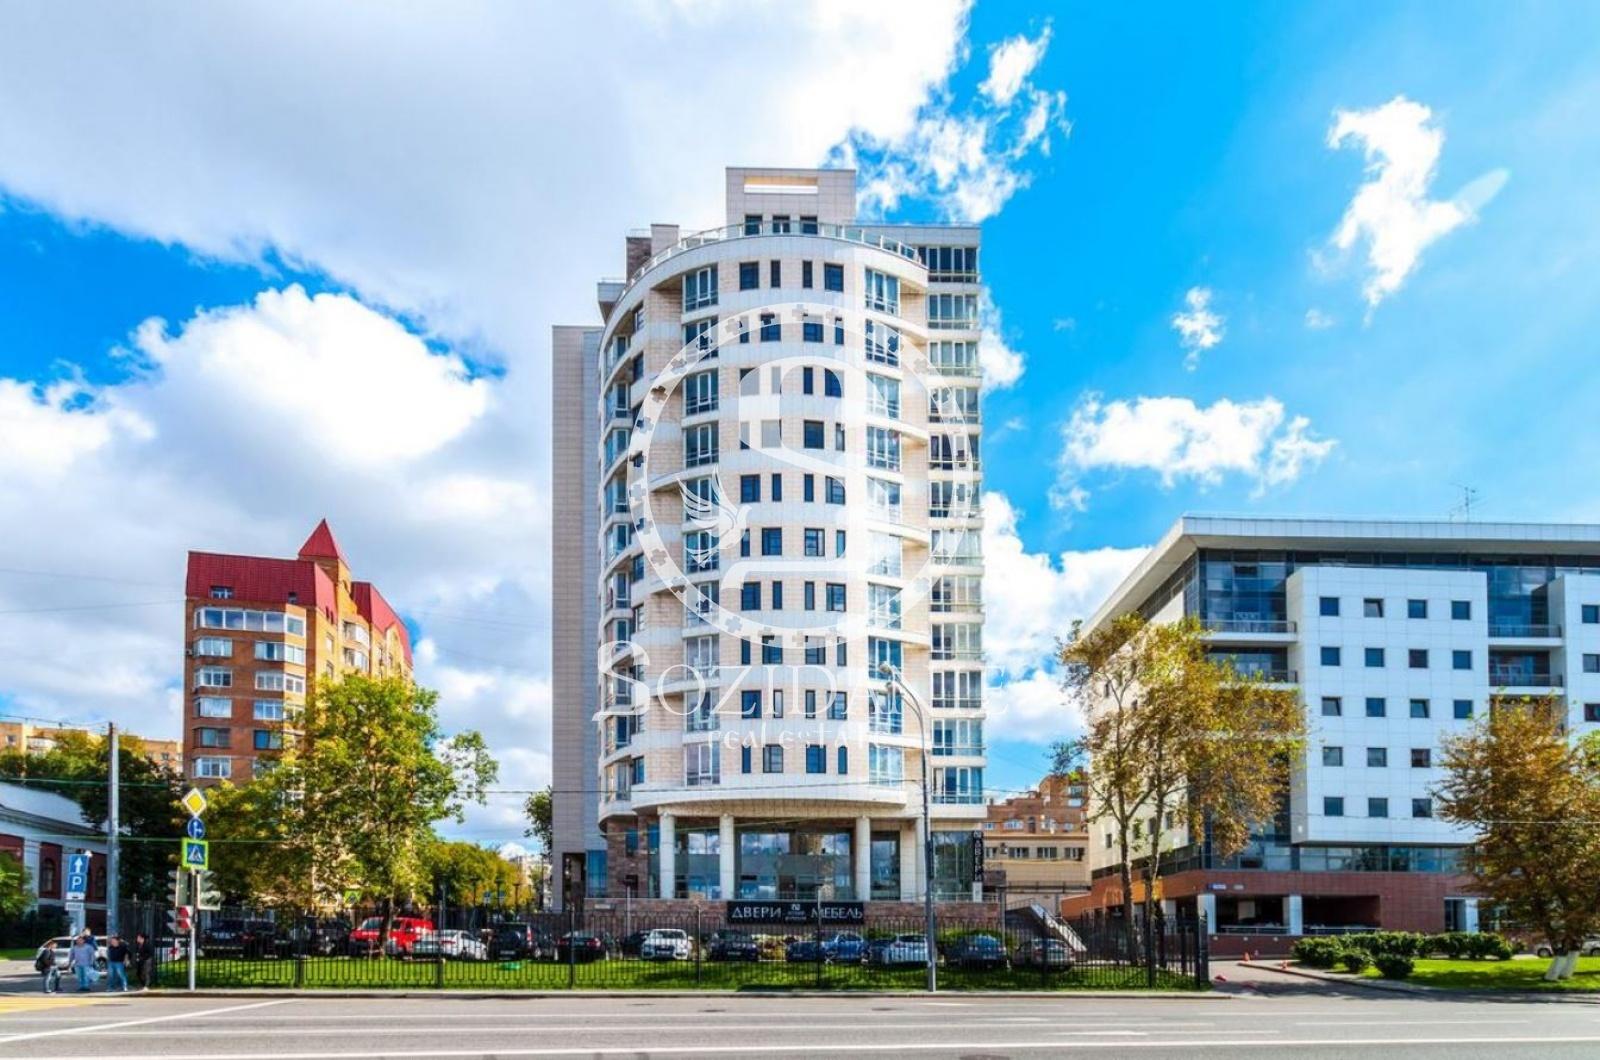 3 Комнаты, Городская, Продажа, Саввинская набережная, Listing ID 3442, Москва, Россия,